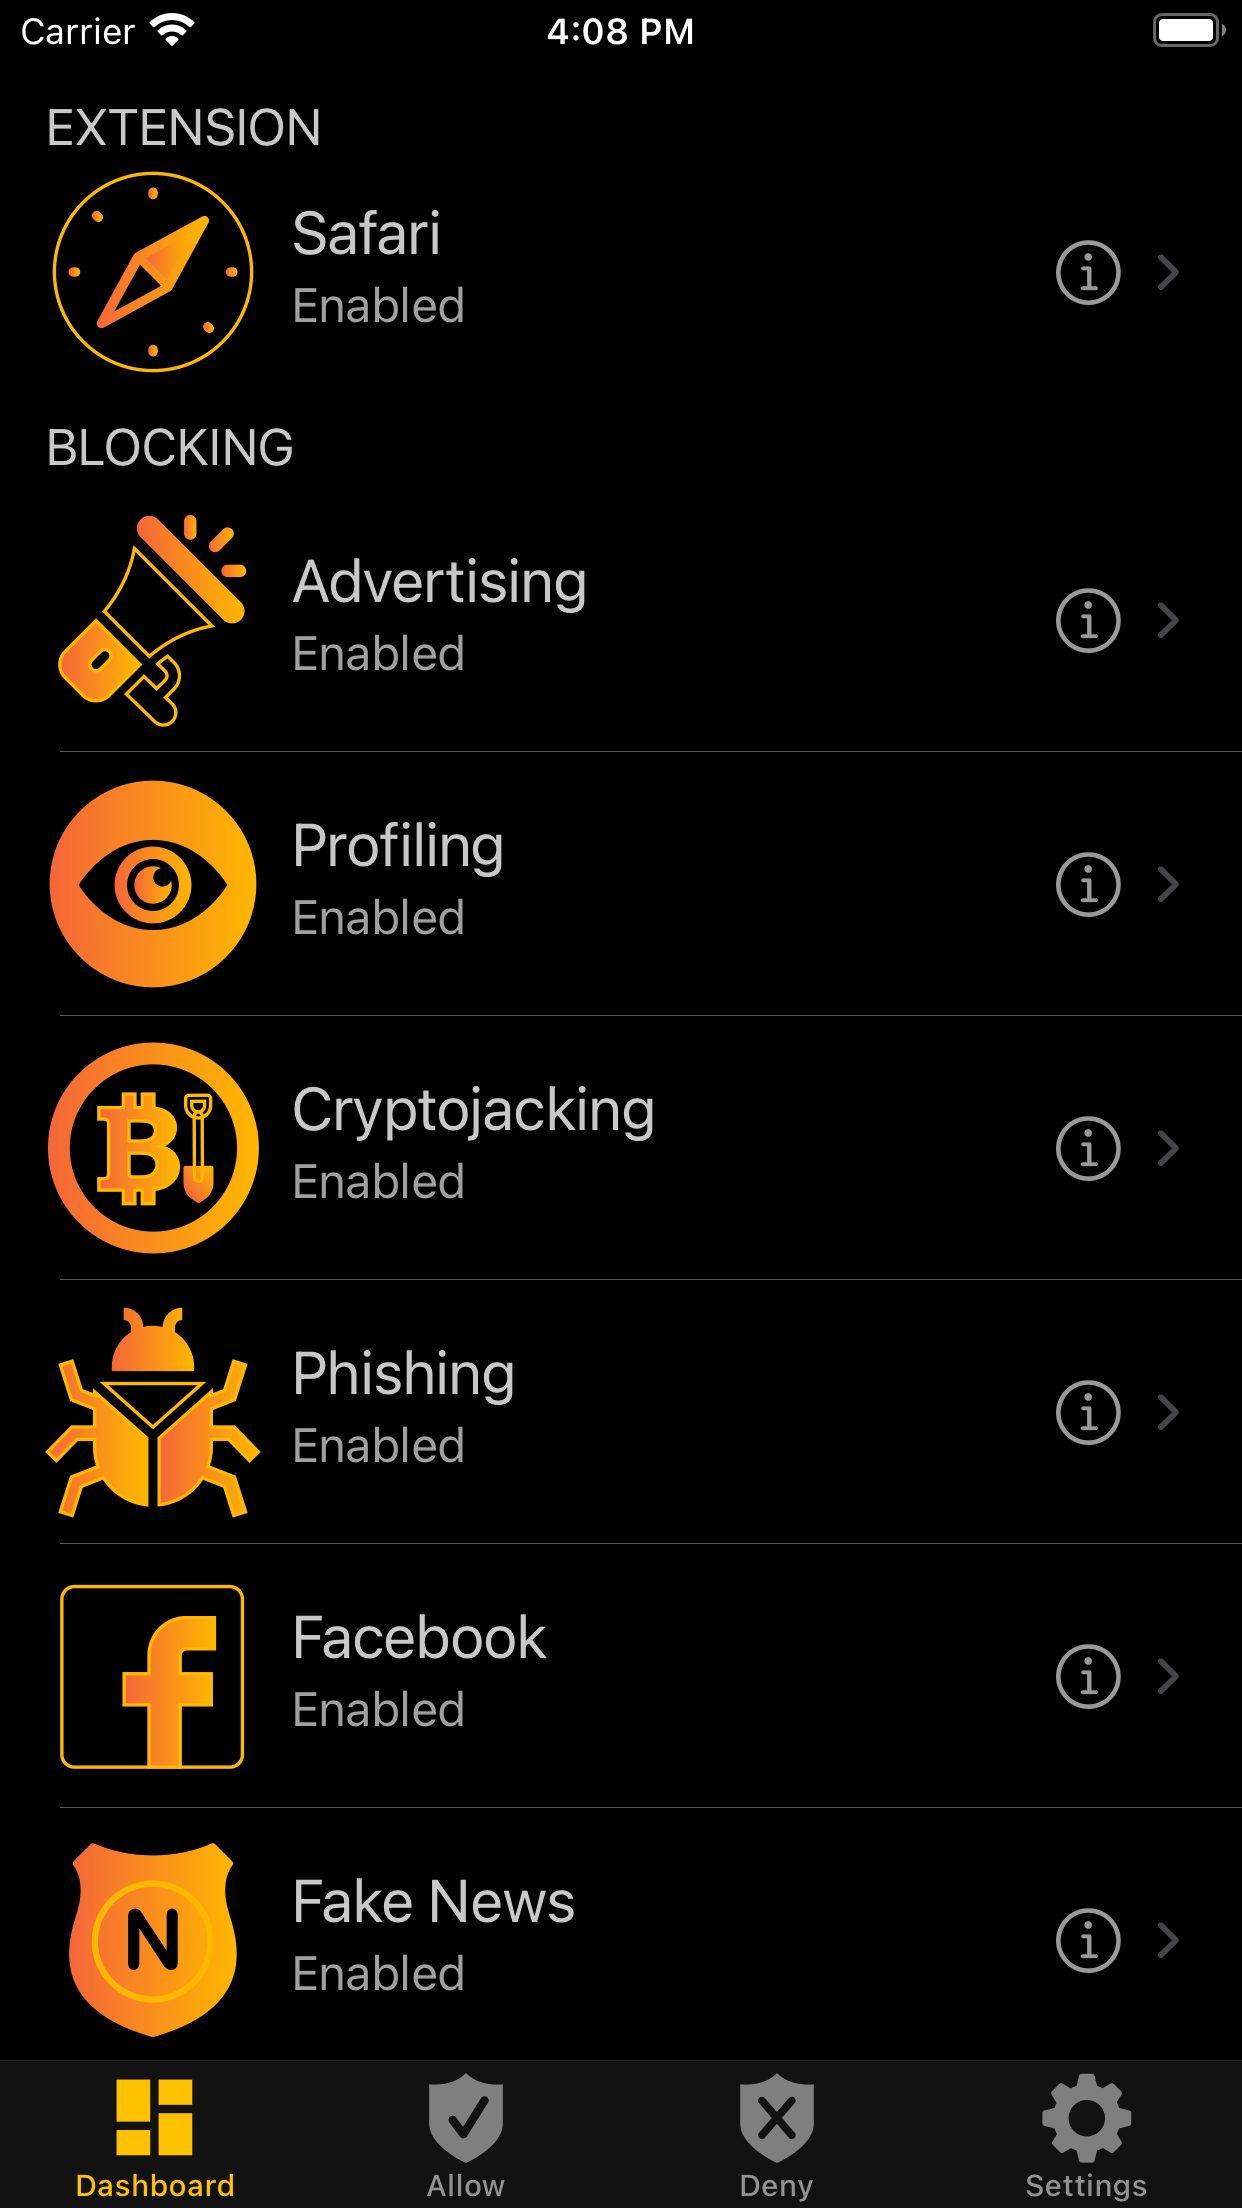 BlackFog iOS Dashboard